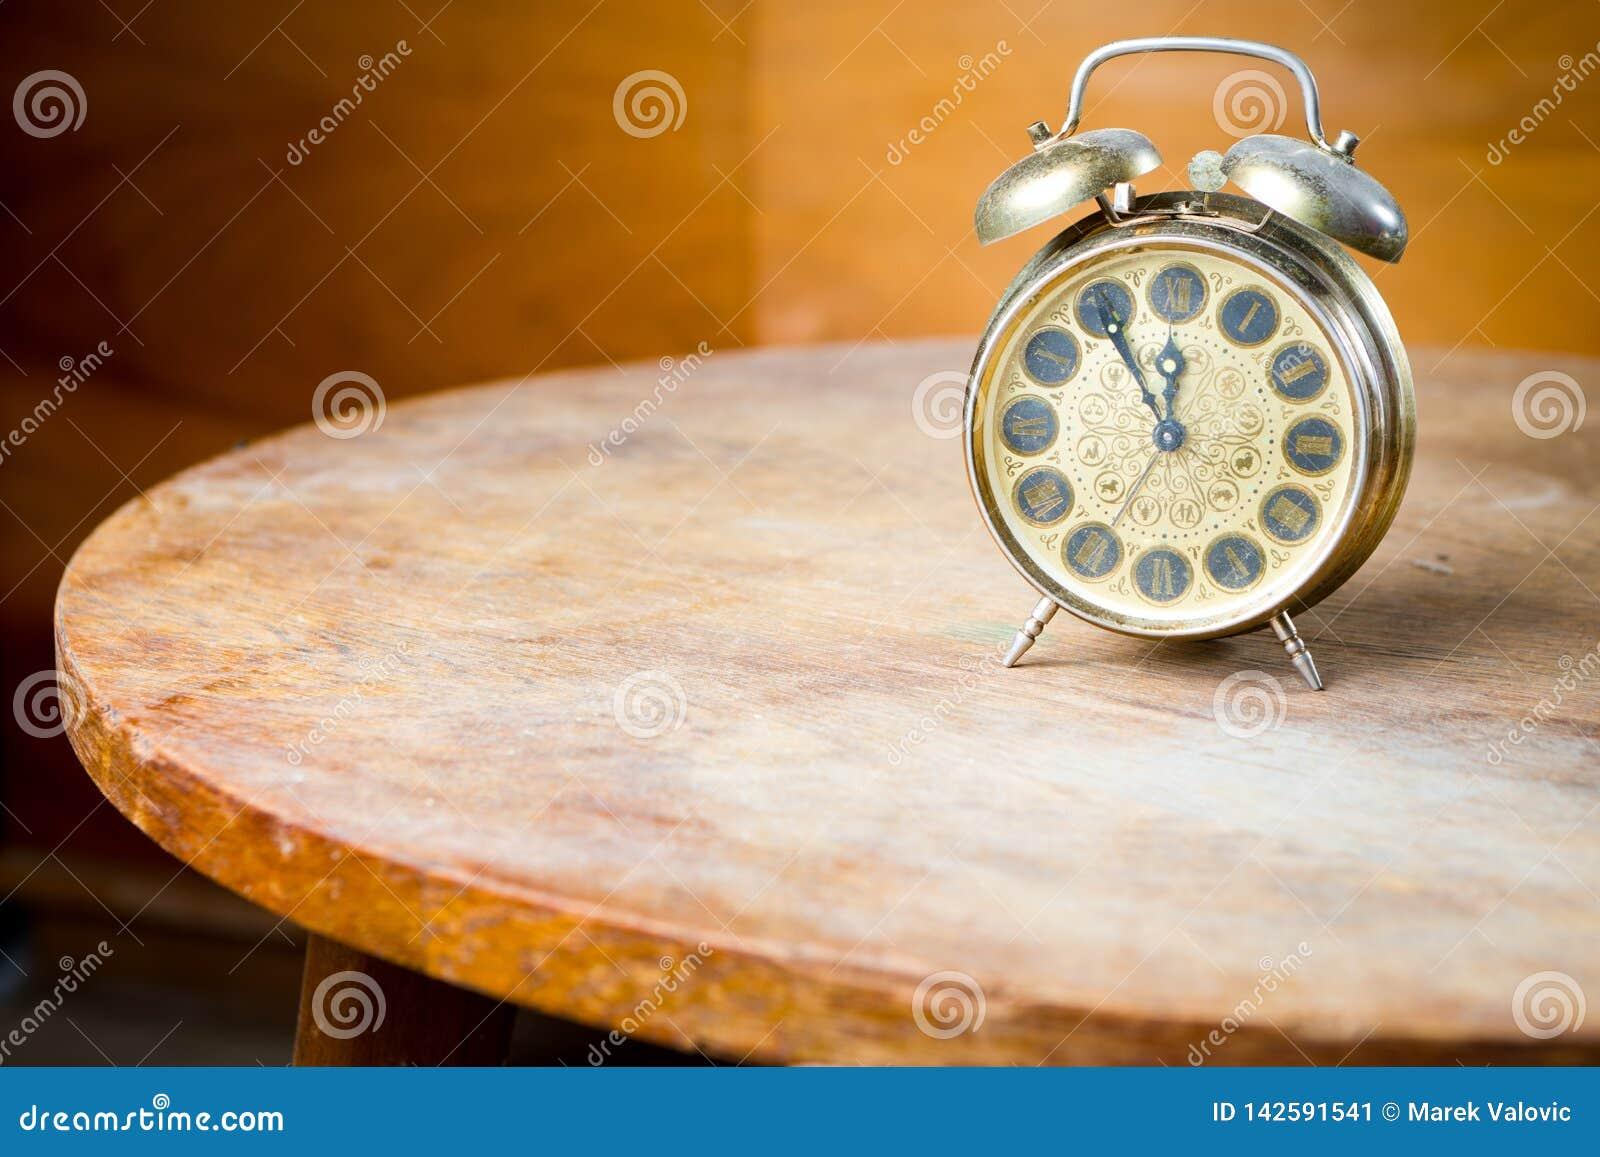 Despertador usado viejo en la mesa redonda Tecnología obsoleta pero gran diseño - cinco a doce